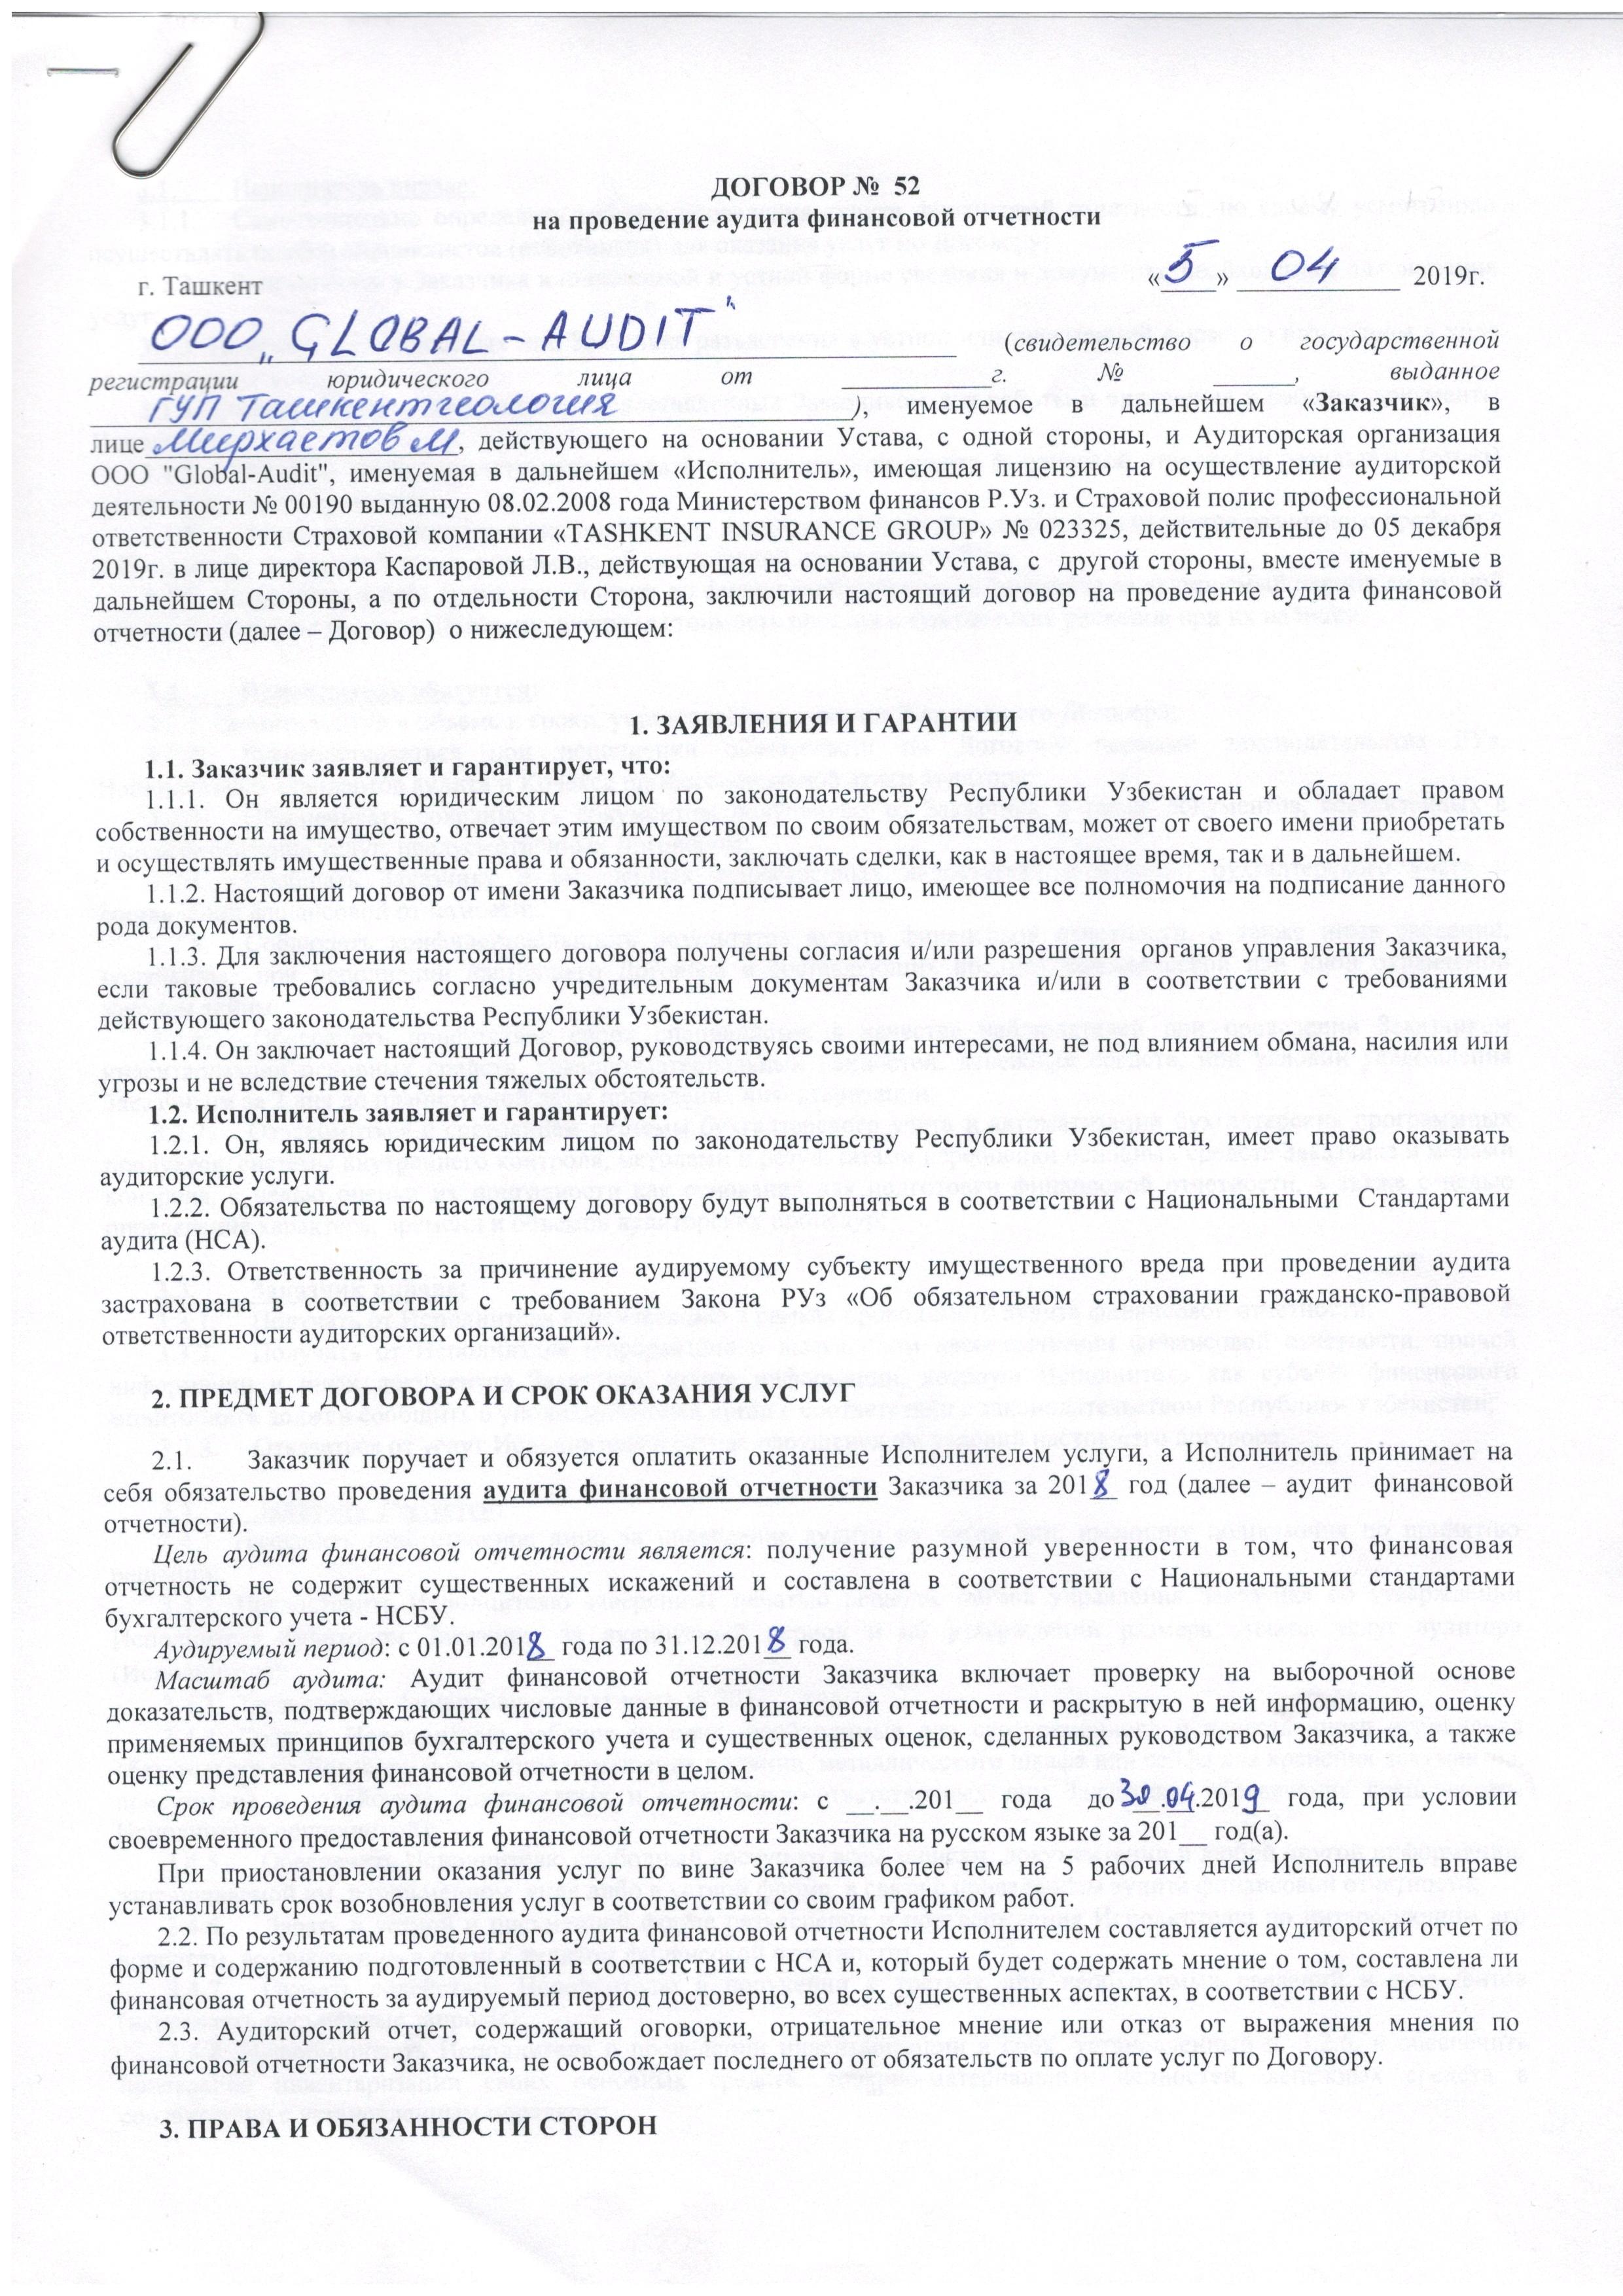 Бухгалтерские и аудиторские услуги договор договор на оказание бухгалтерских услуг образец скачать